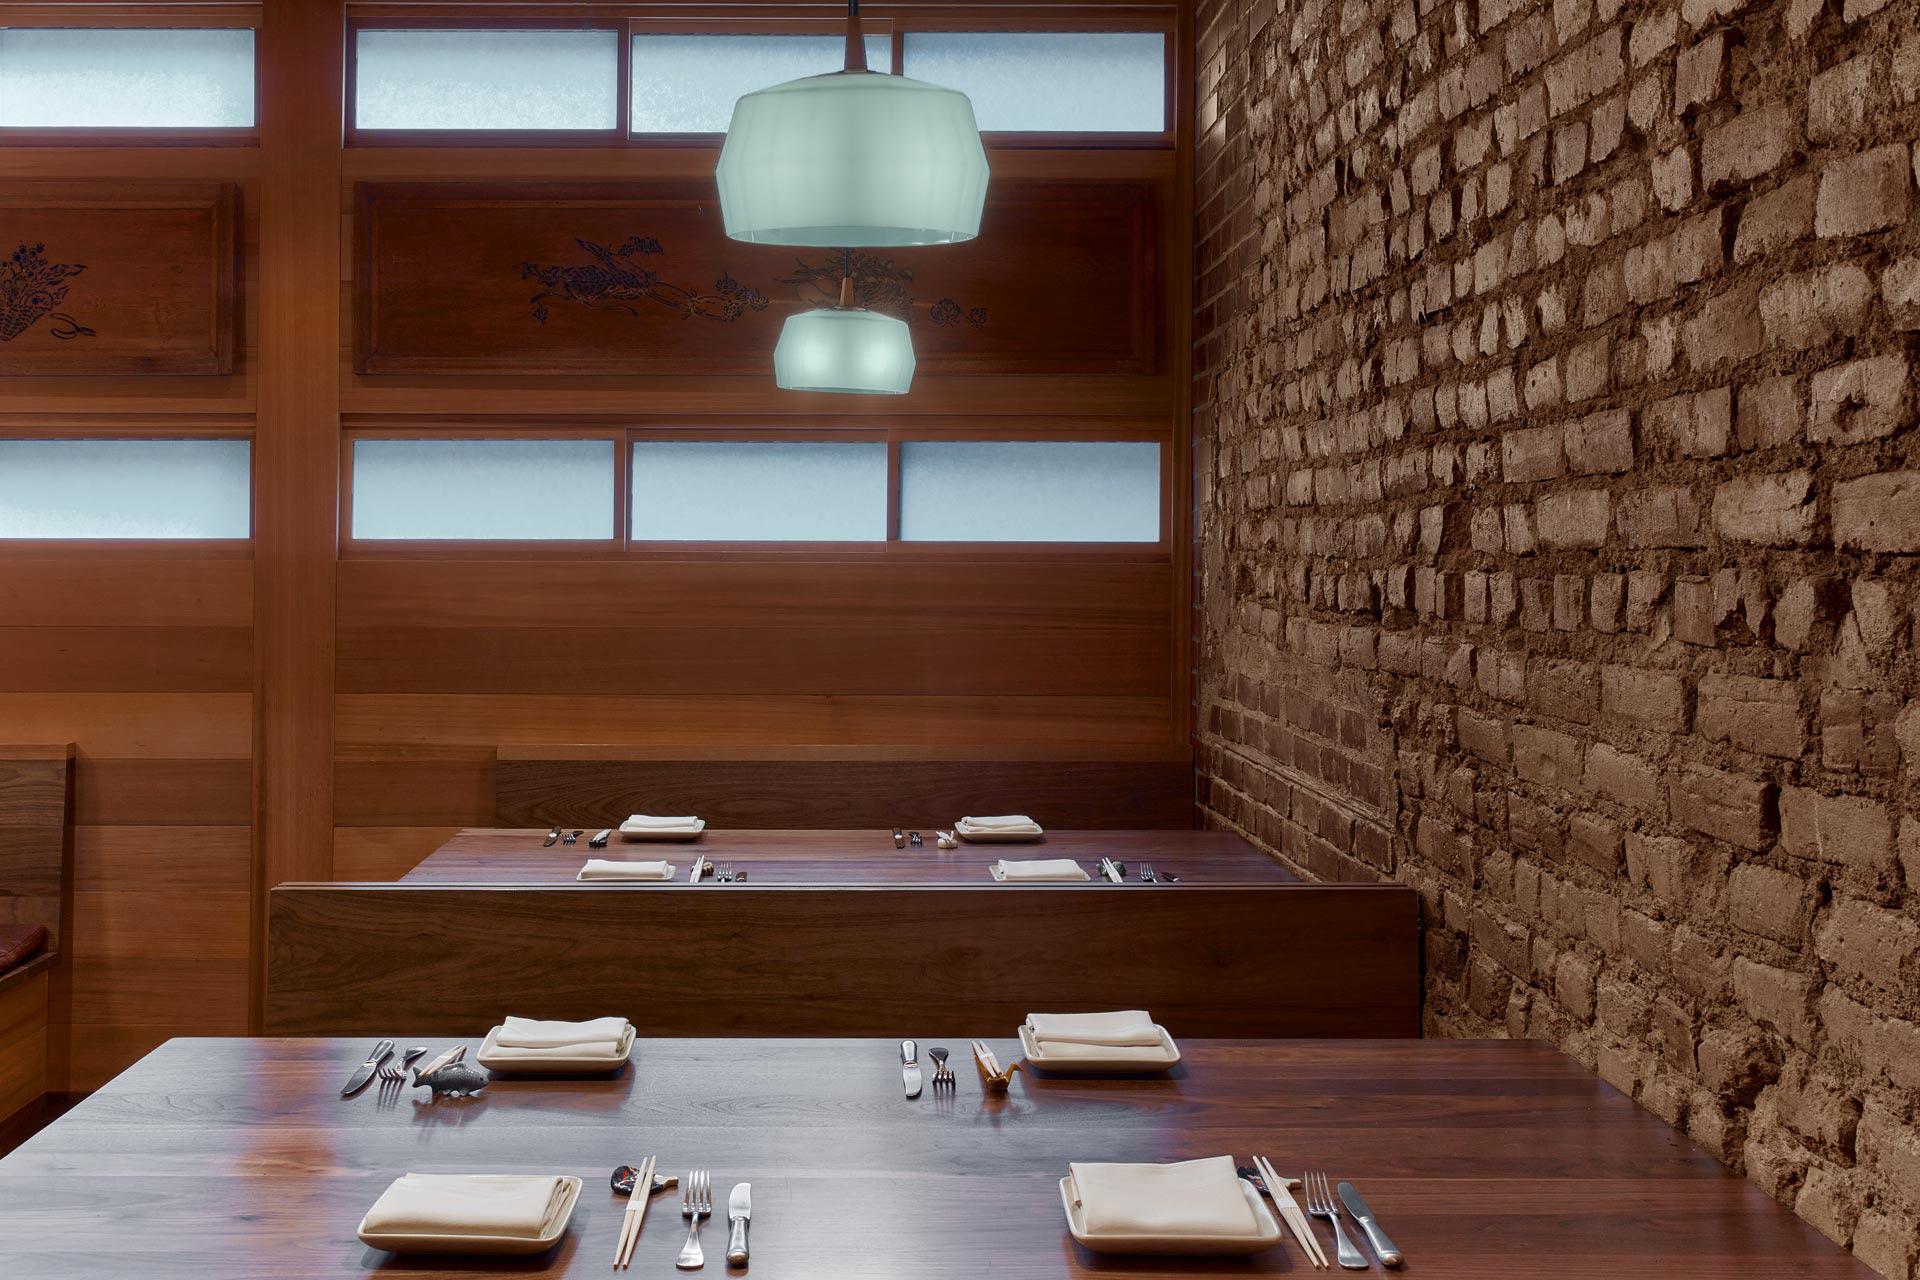 O Ya restaurant modern design